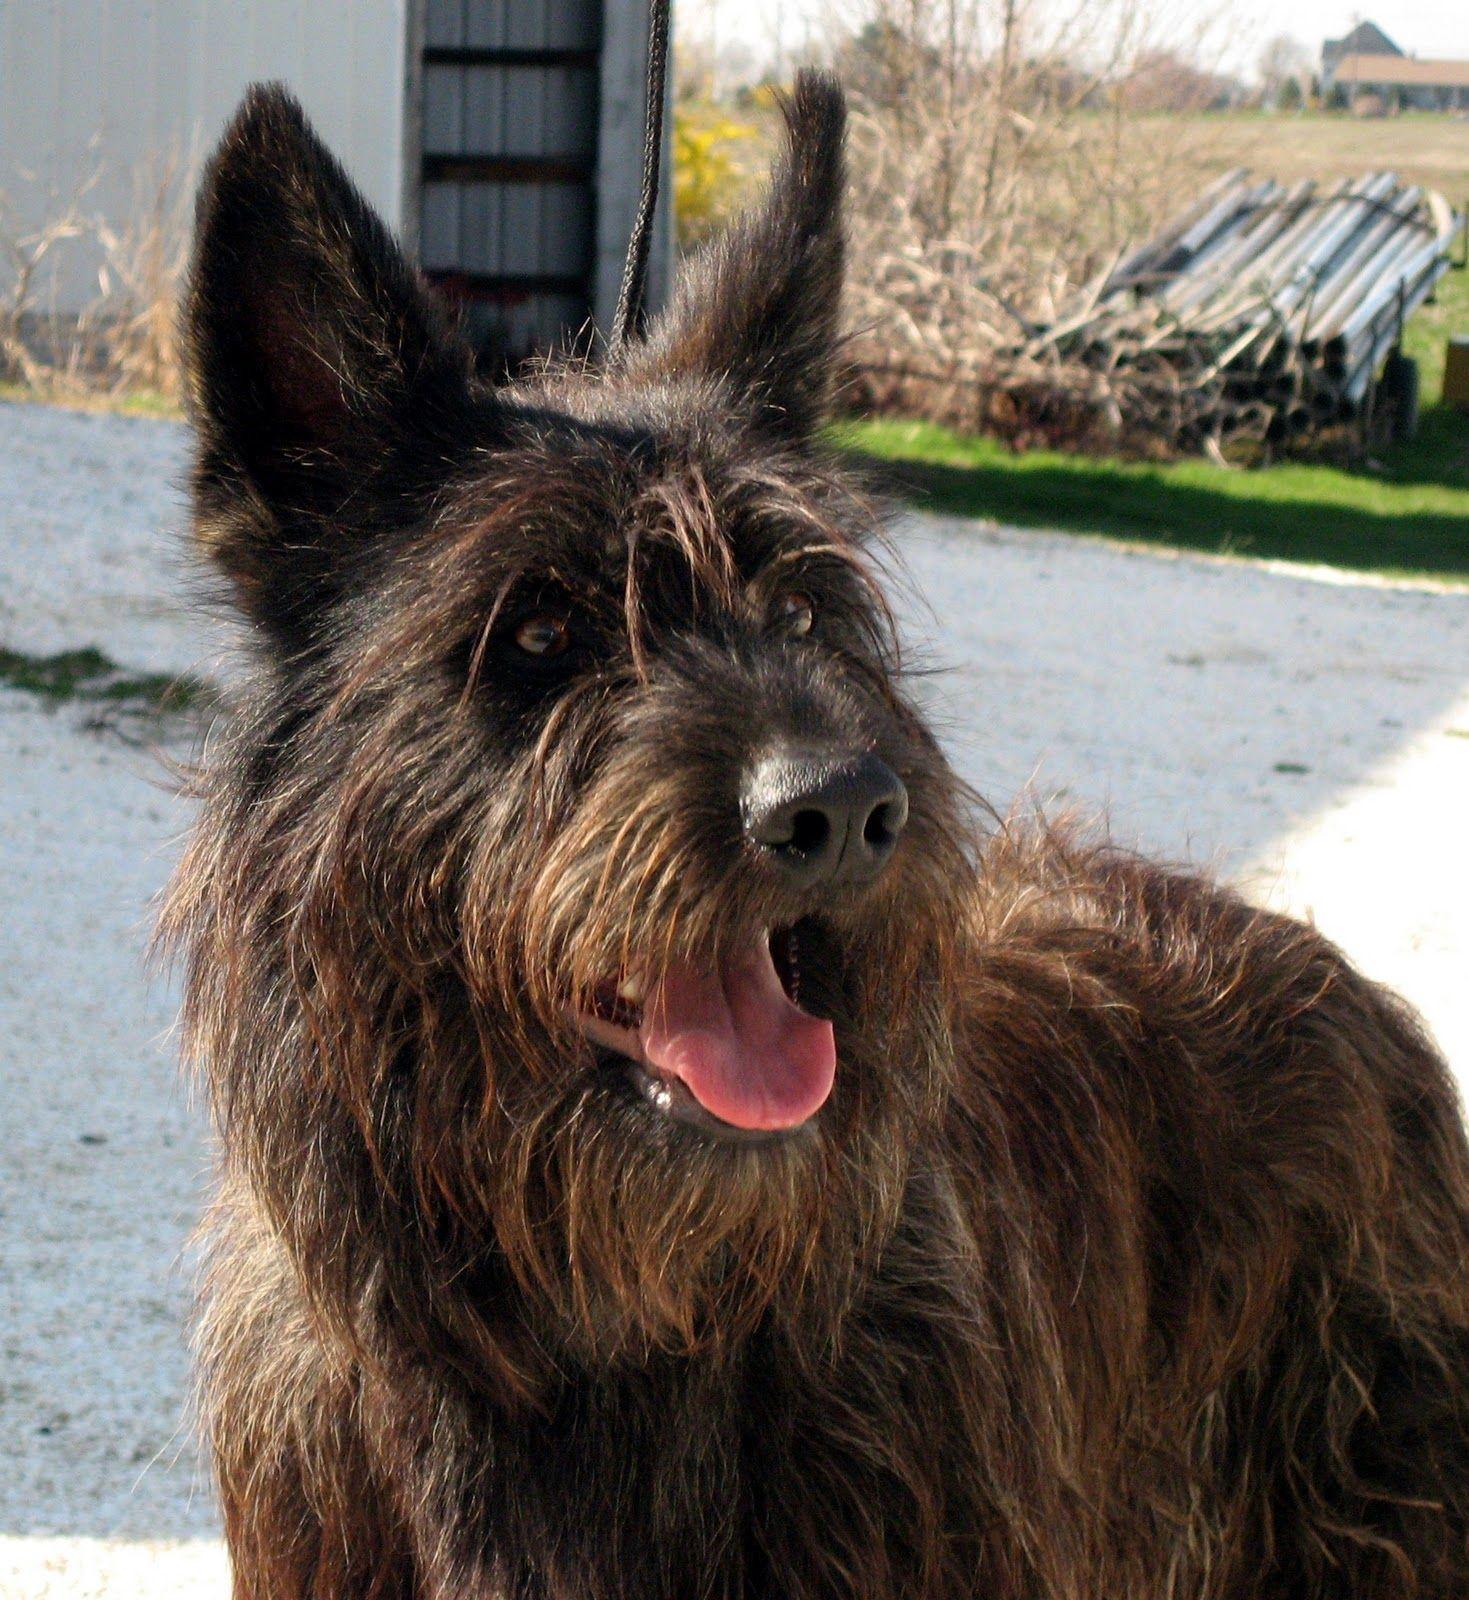 Berger Picard Dog Breed Pictures Reinrassige hunde